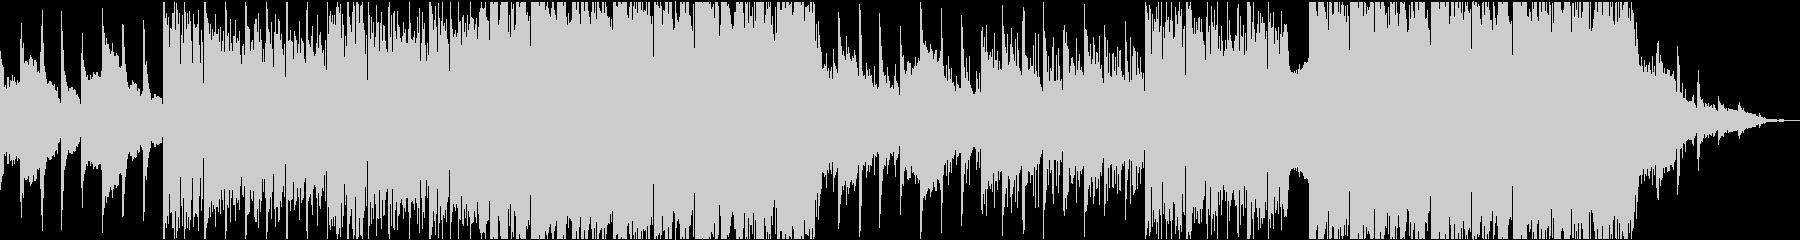 神秘的なボイスとオーケストラBGMの未再生の波形